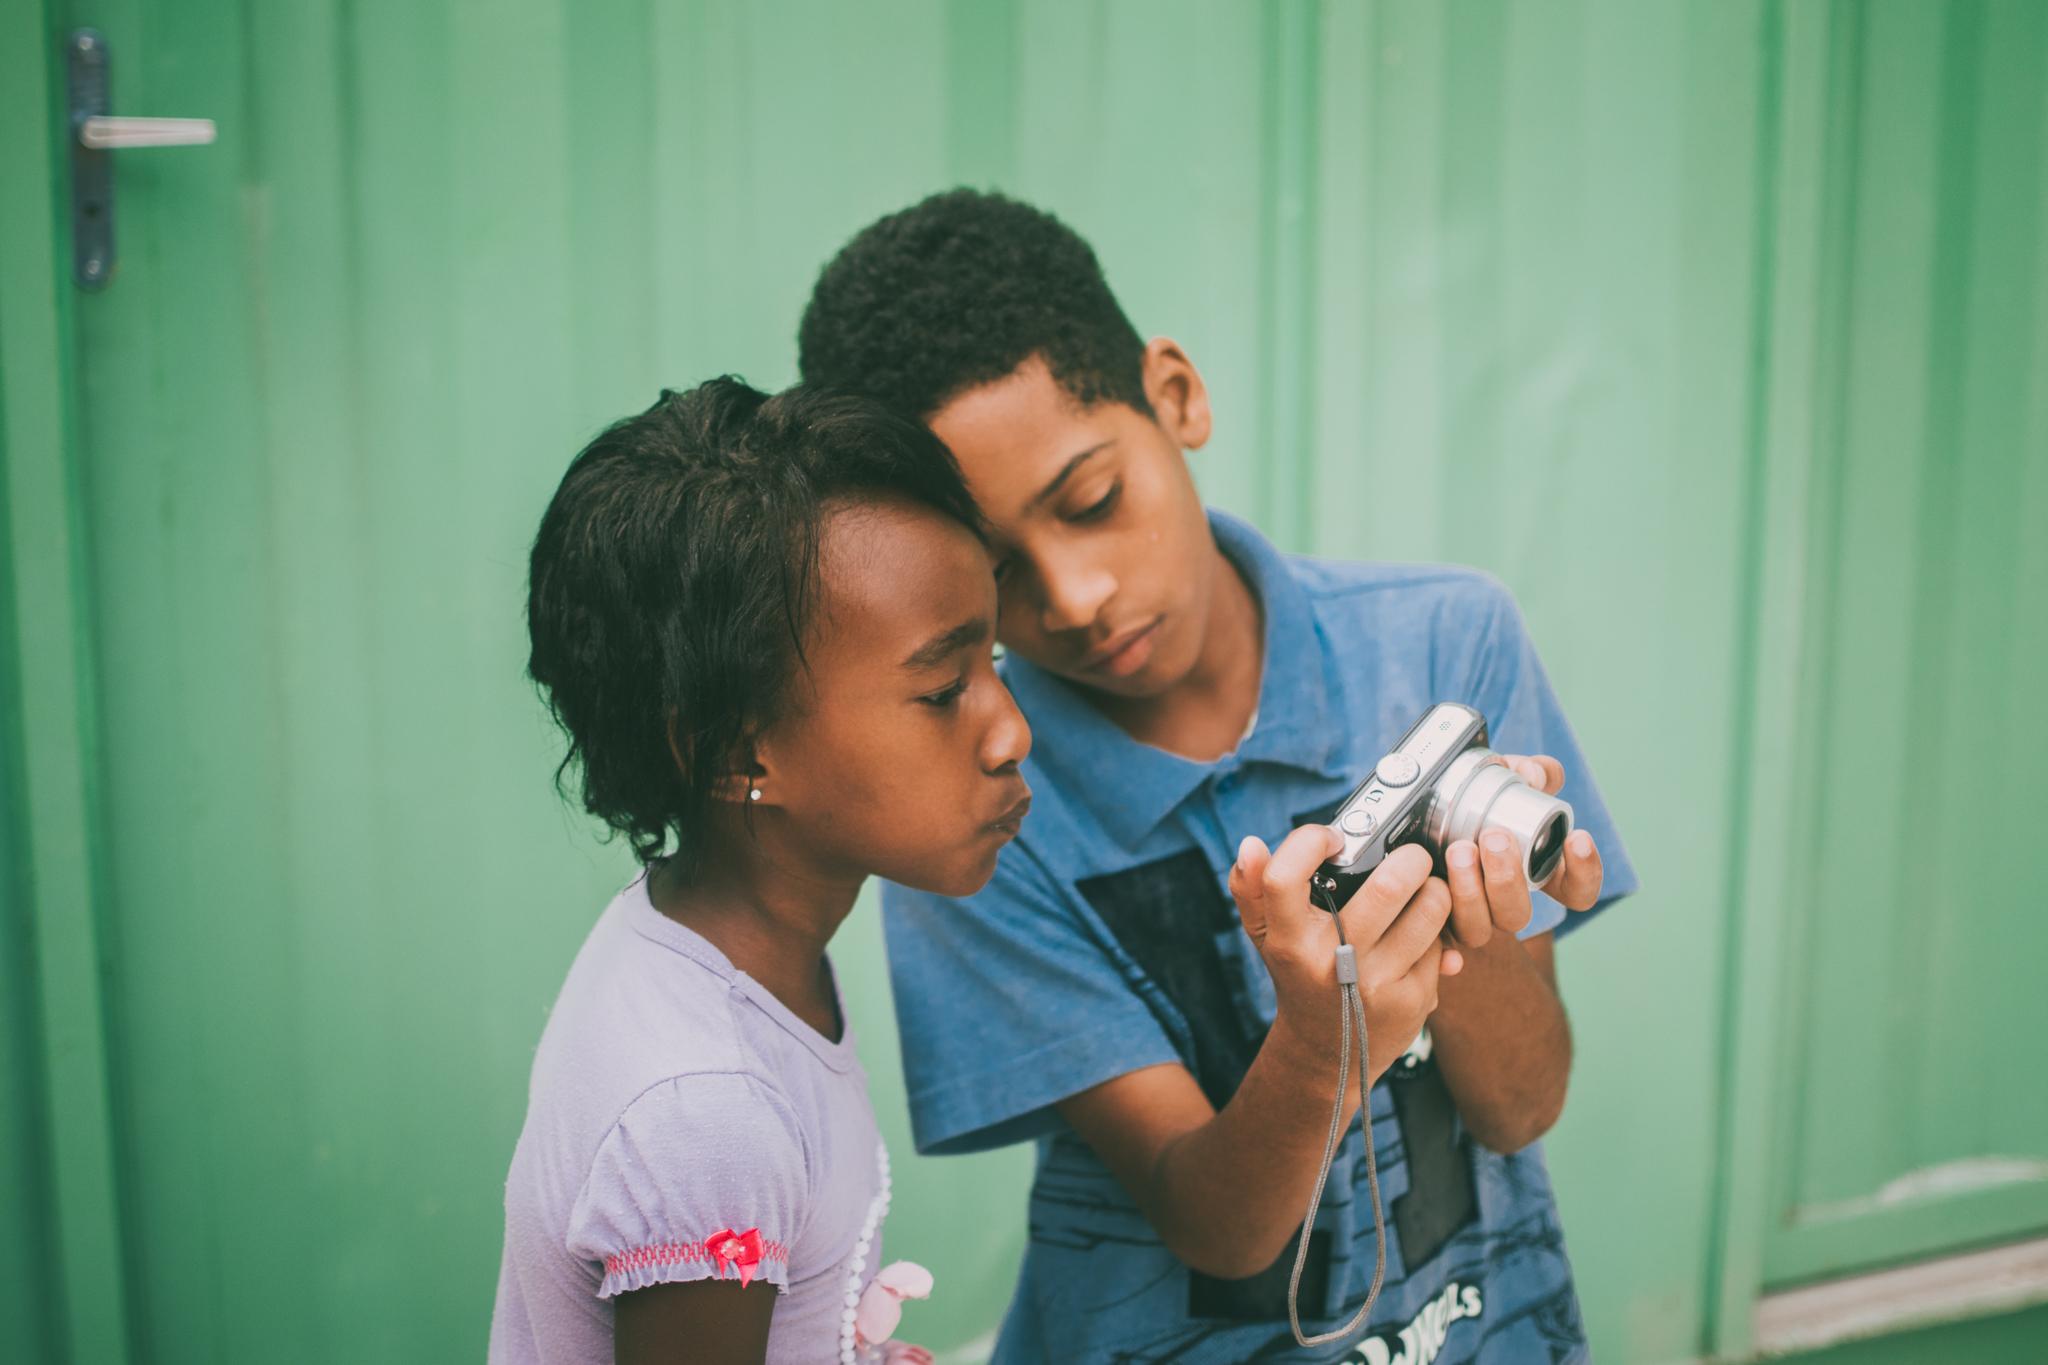 Projeto internacional de fotografia contempla crianças de comunidade em Aparecida de Goiânia